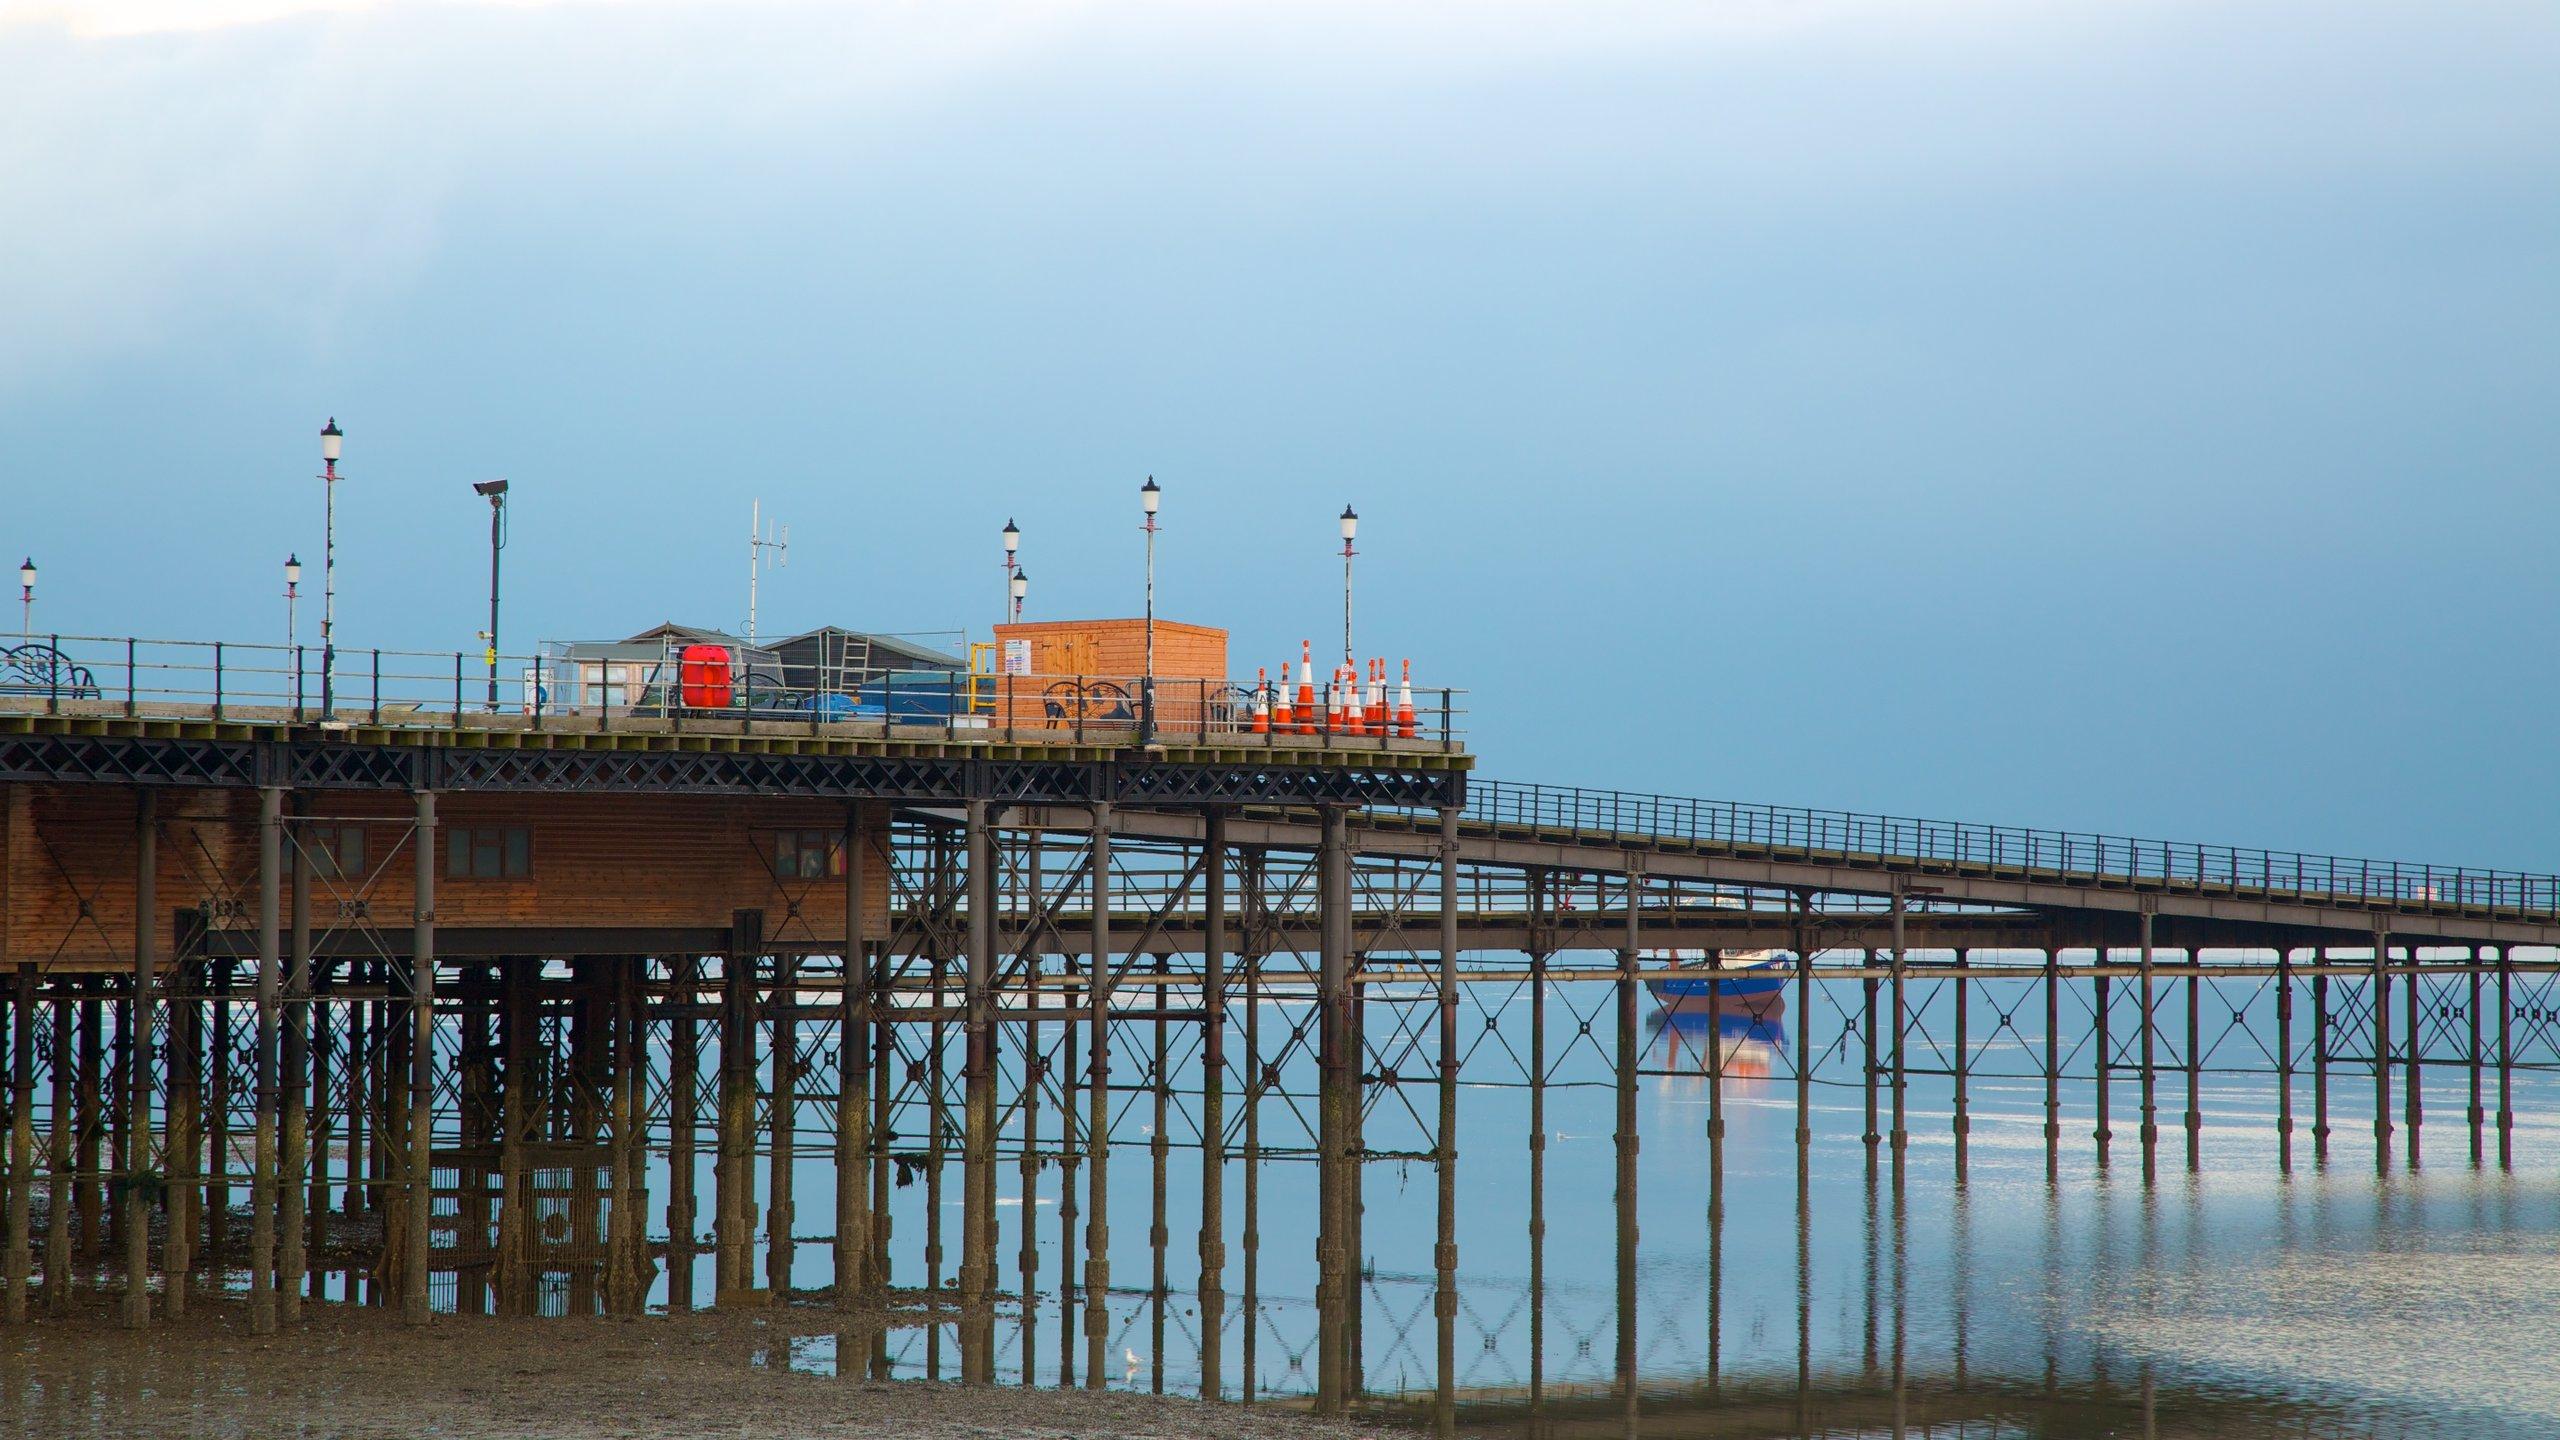 Southend Pier, Southend-on-Sea, England, United Kingdom